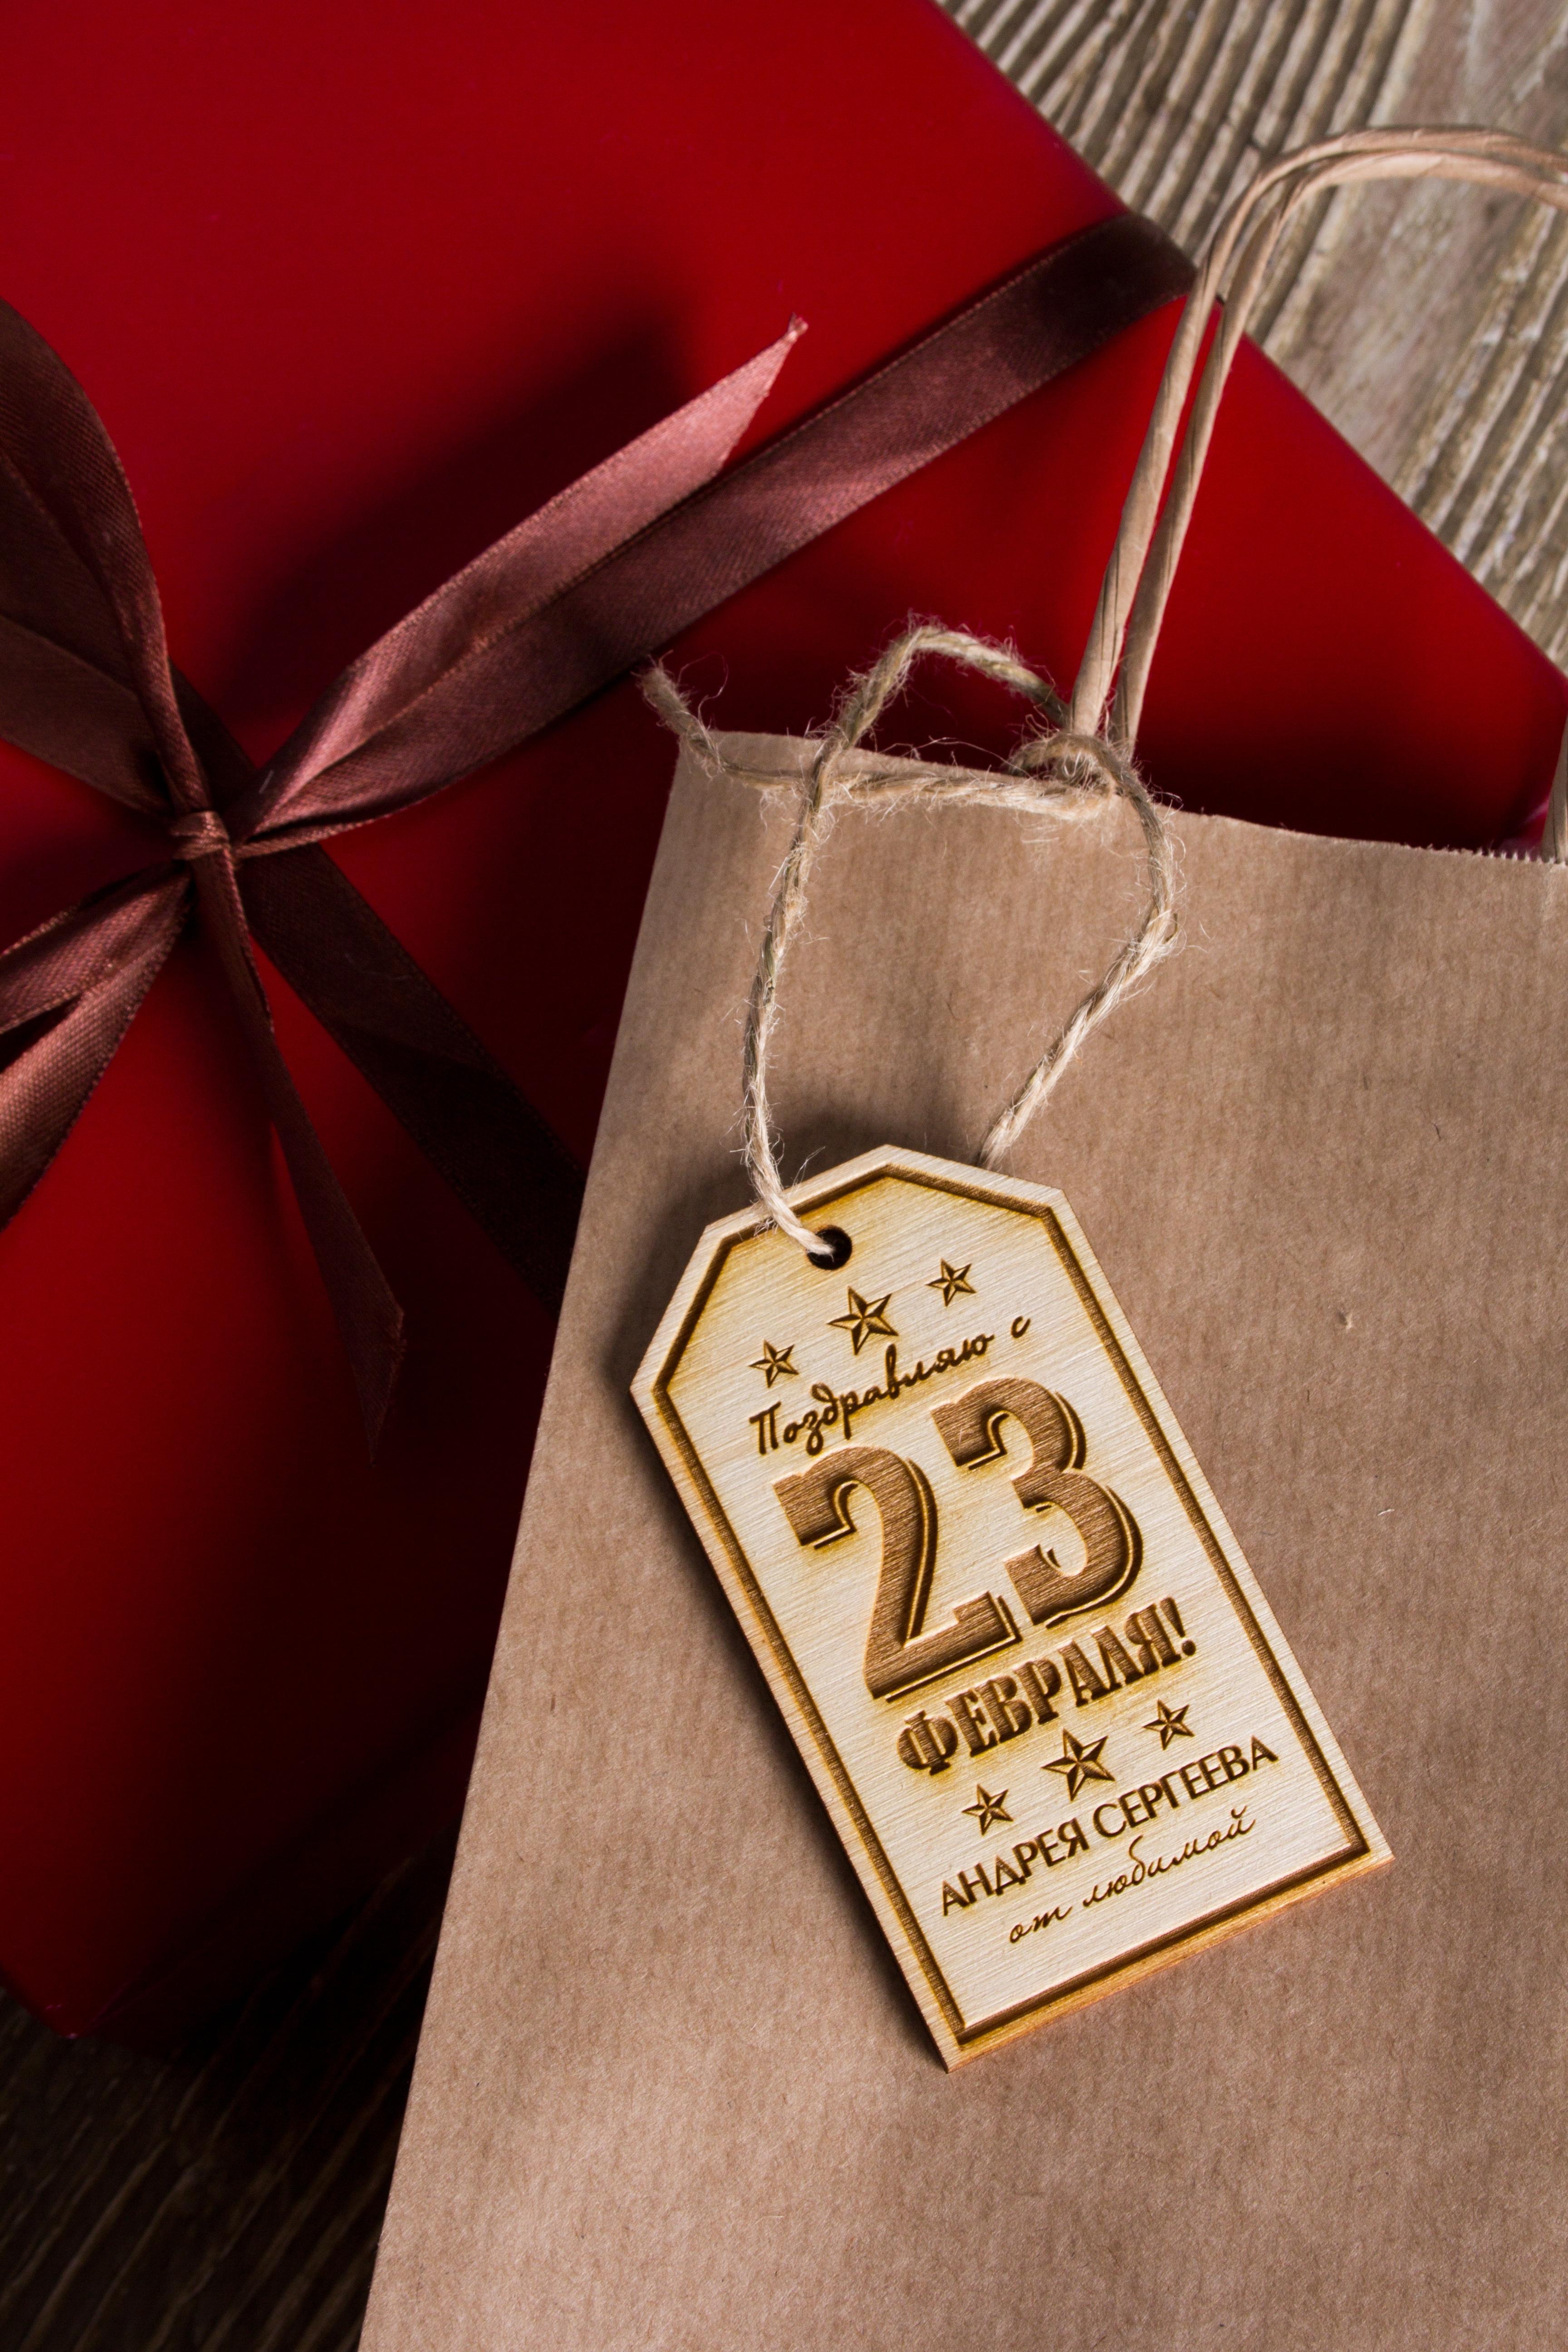 Деревянная бирка с персональной гравировкой 23 февраляСувениры и упаковка<br>Стильная деревянная бирка с индивидуальной гравировкой подчеркнет уникальность Вашего подарка. Размер 9*5,1см. Материал: дерево.<br>